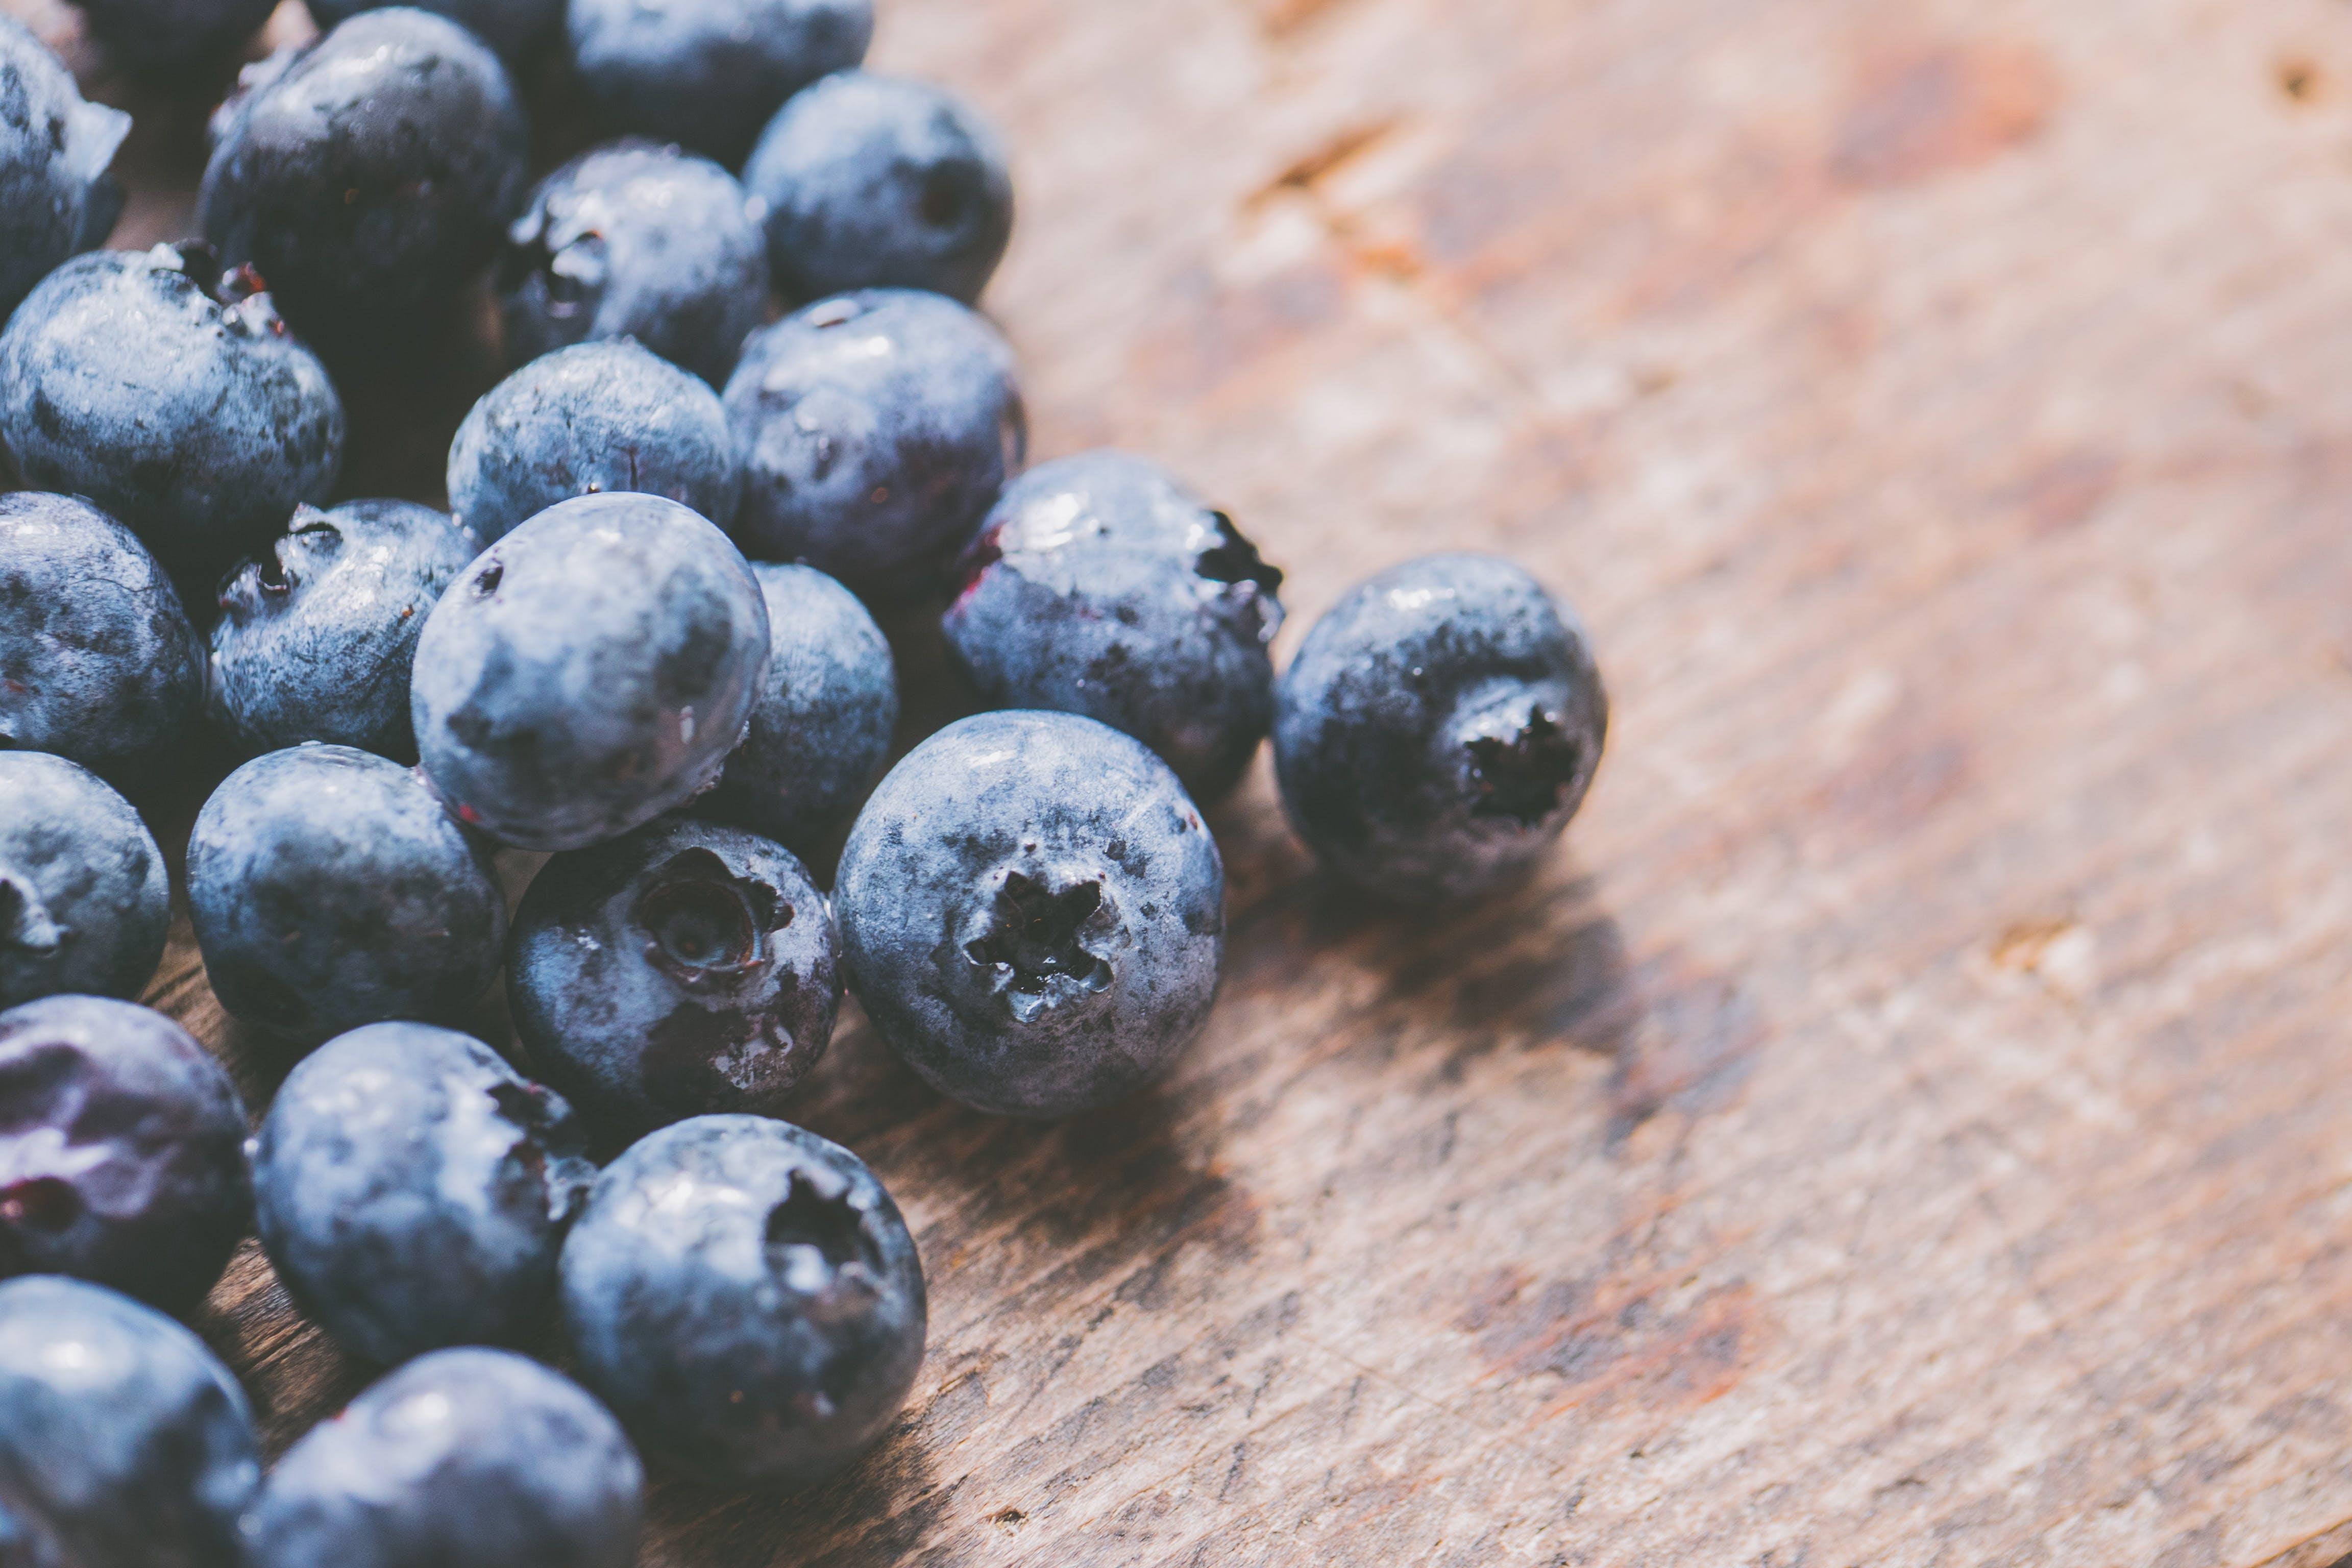 zu beeren, blaubeeren, essen, essensfotografie